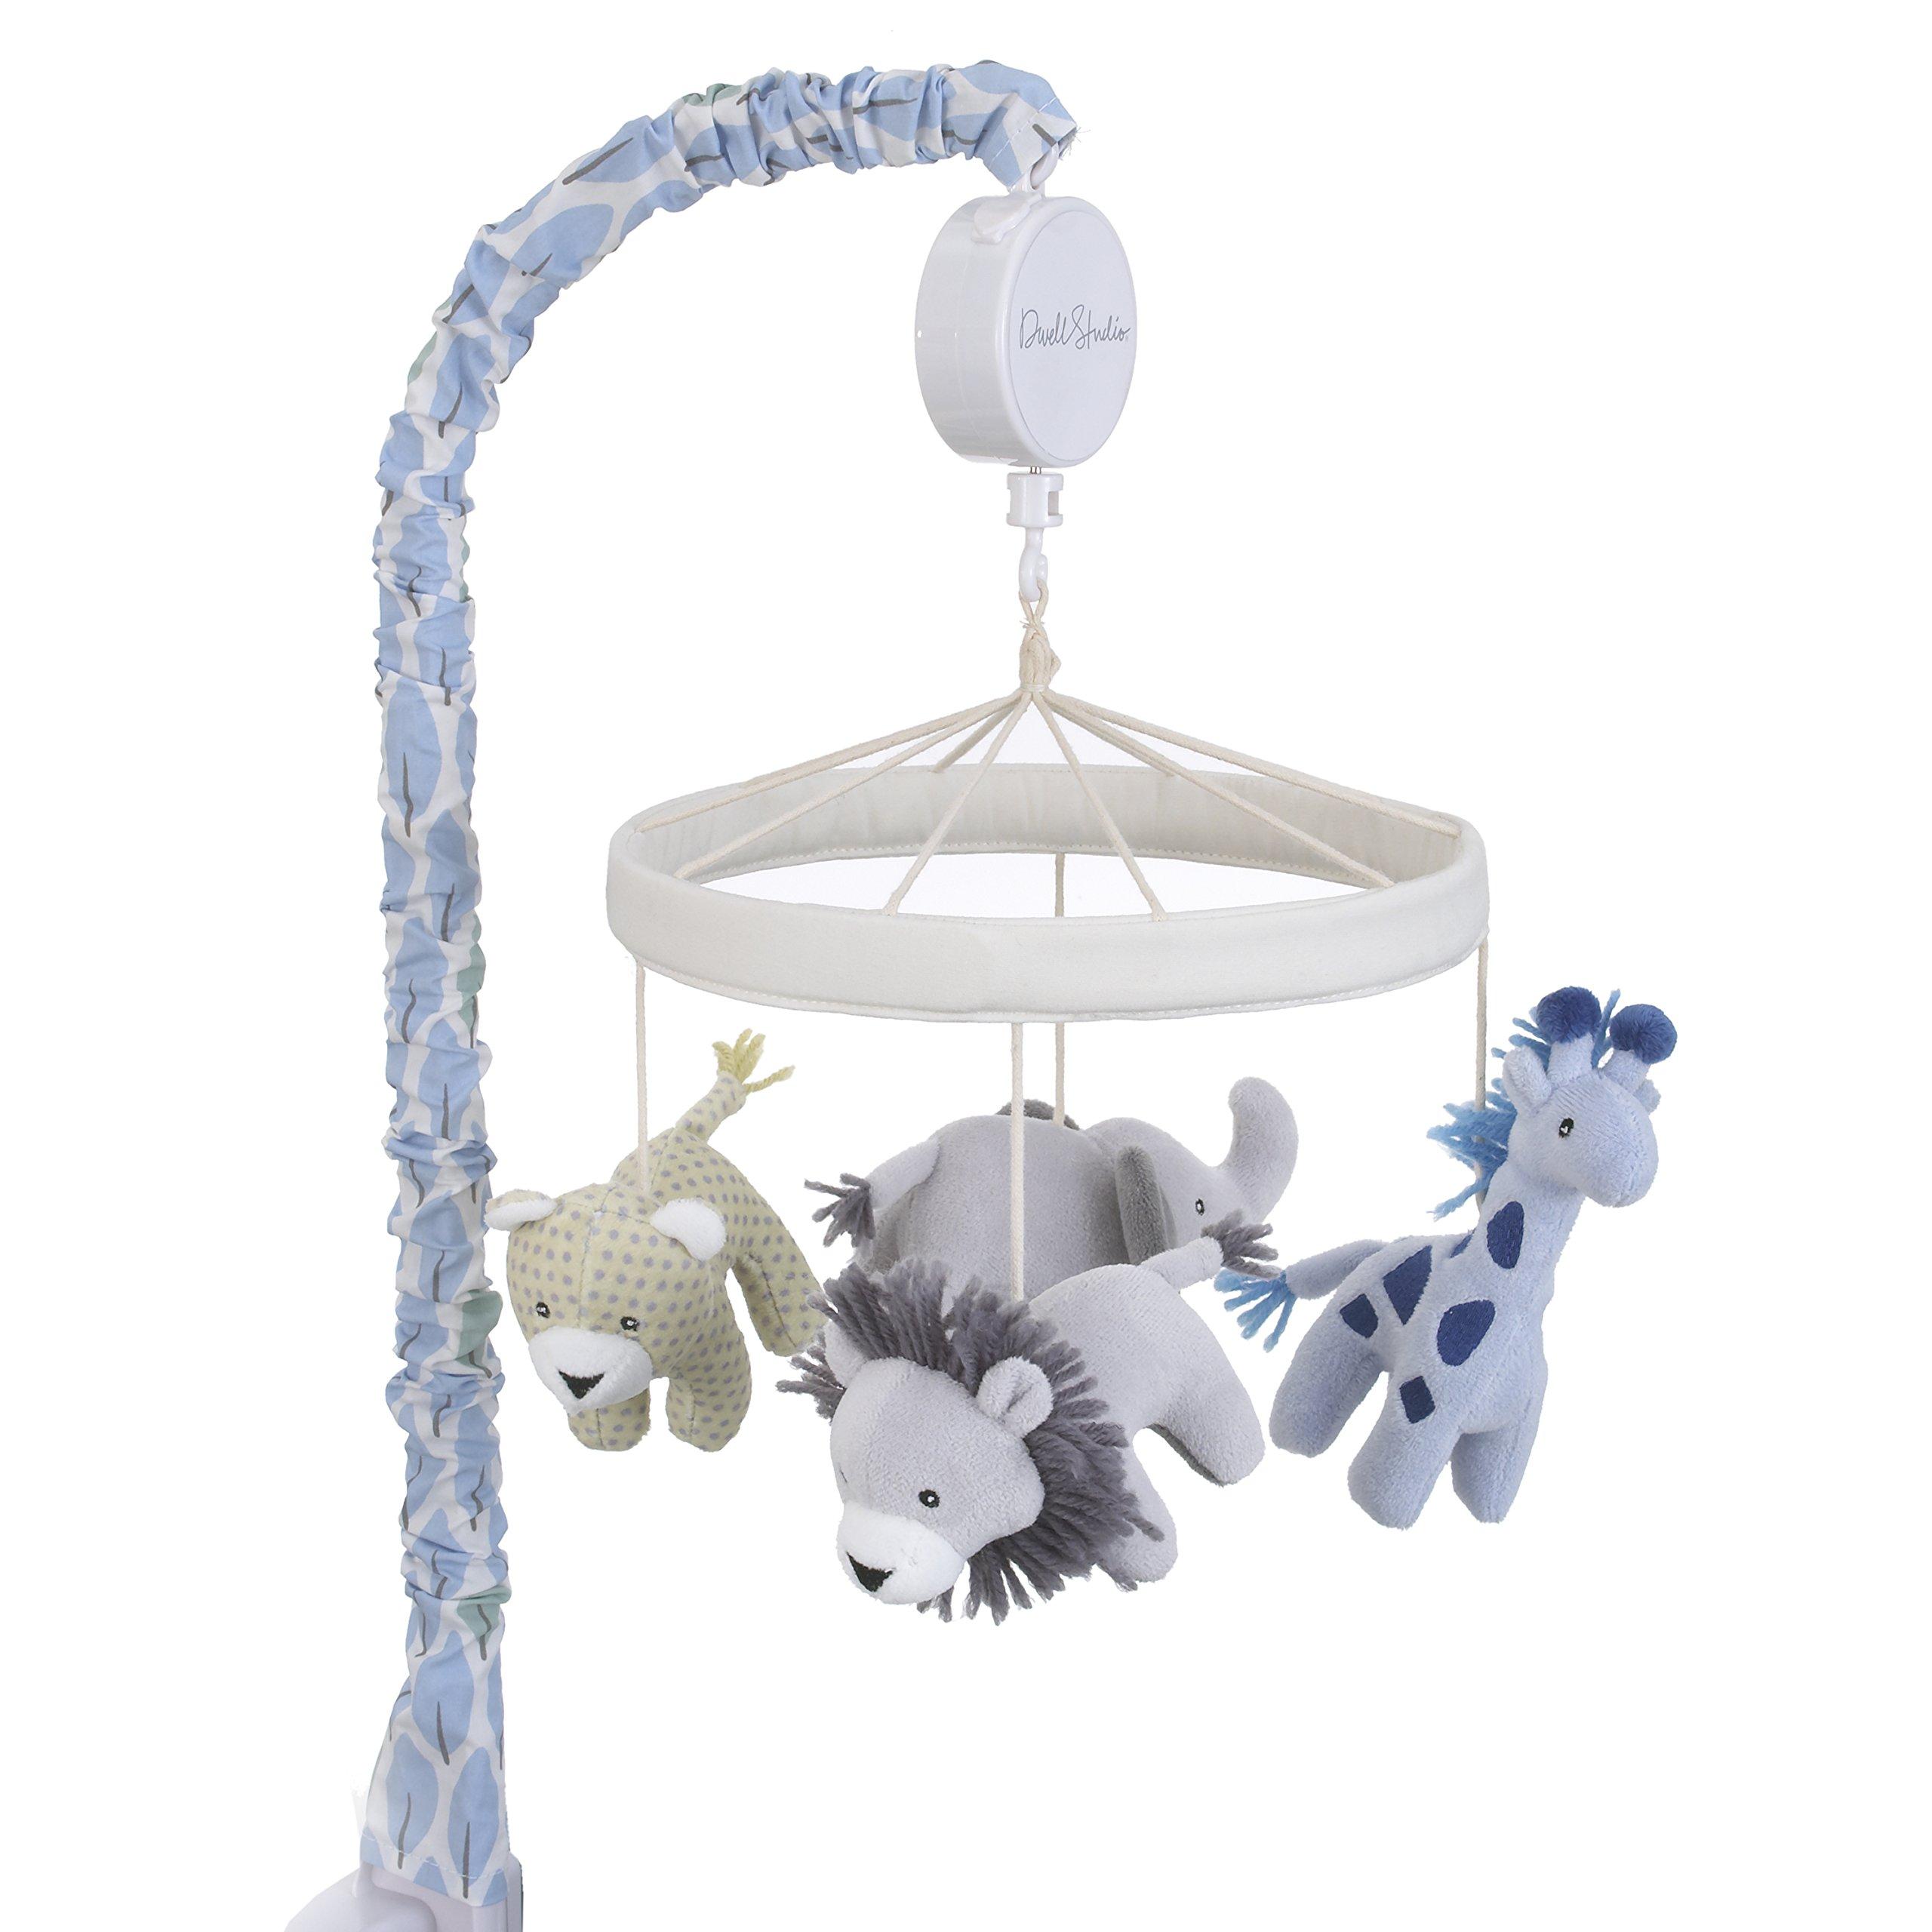 Dwell Studio Safari Skies Animal/Jungle Musical Mobile, Blue/Gray